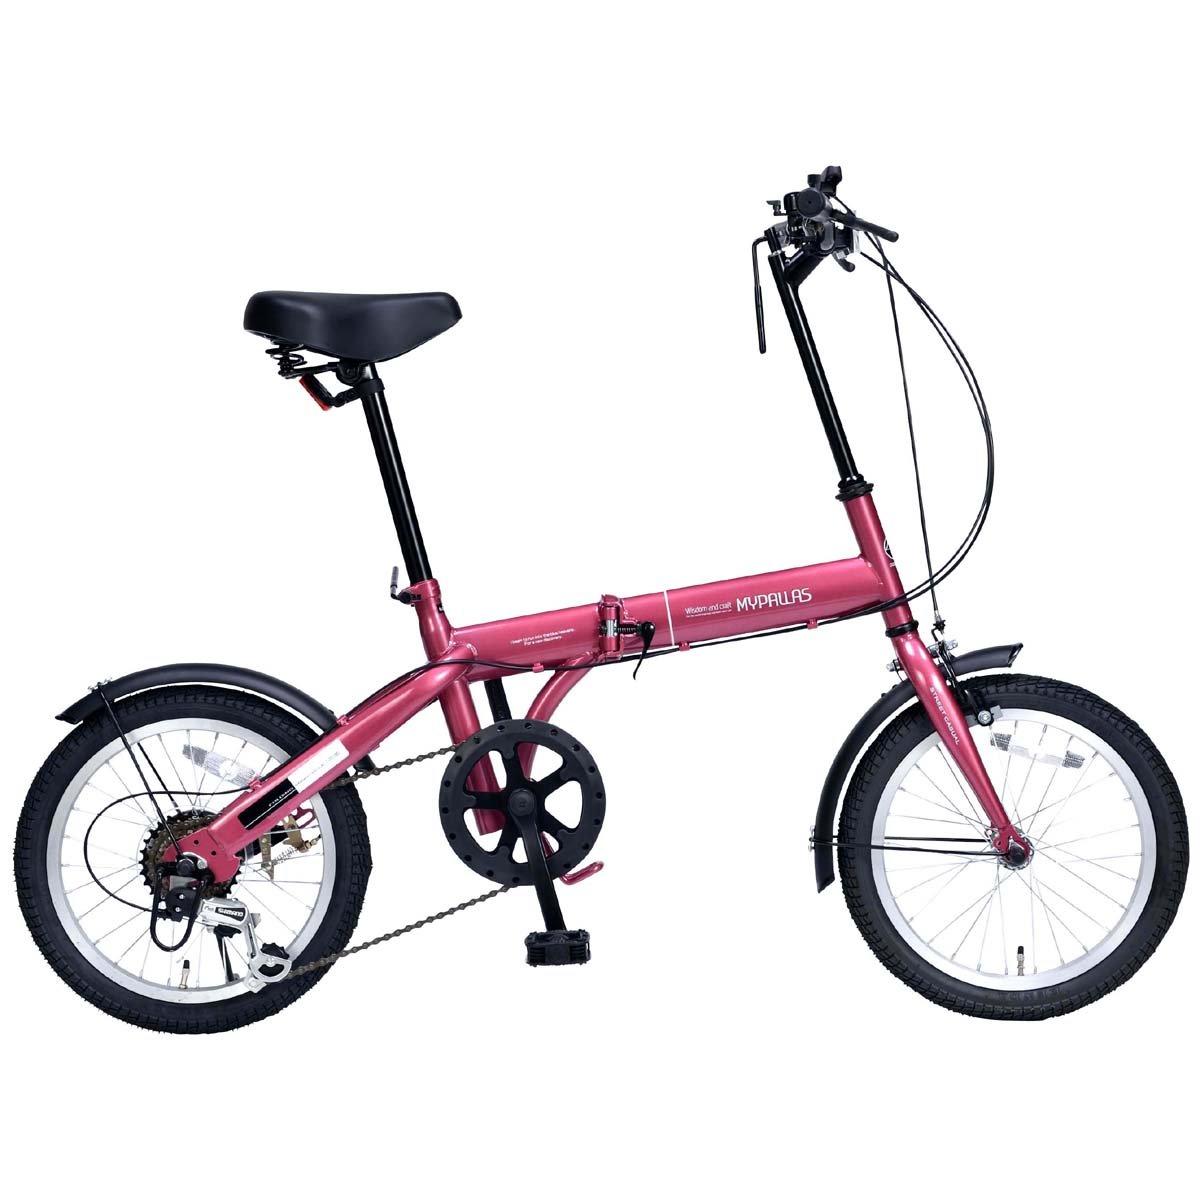 My Pallas(マイパラス) 折畳自転車16インチシマノ6段ギア付 M-103 B07CWNH554 ルージュ ルージュ